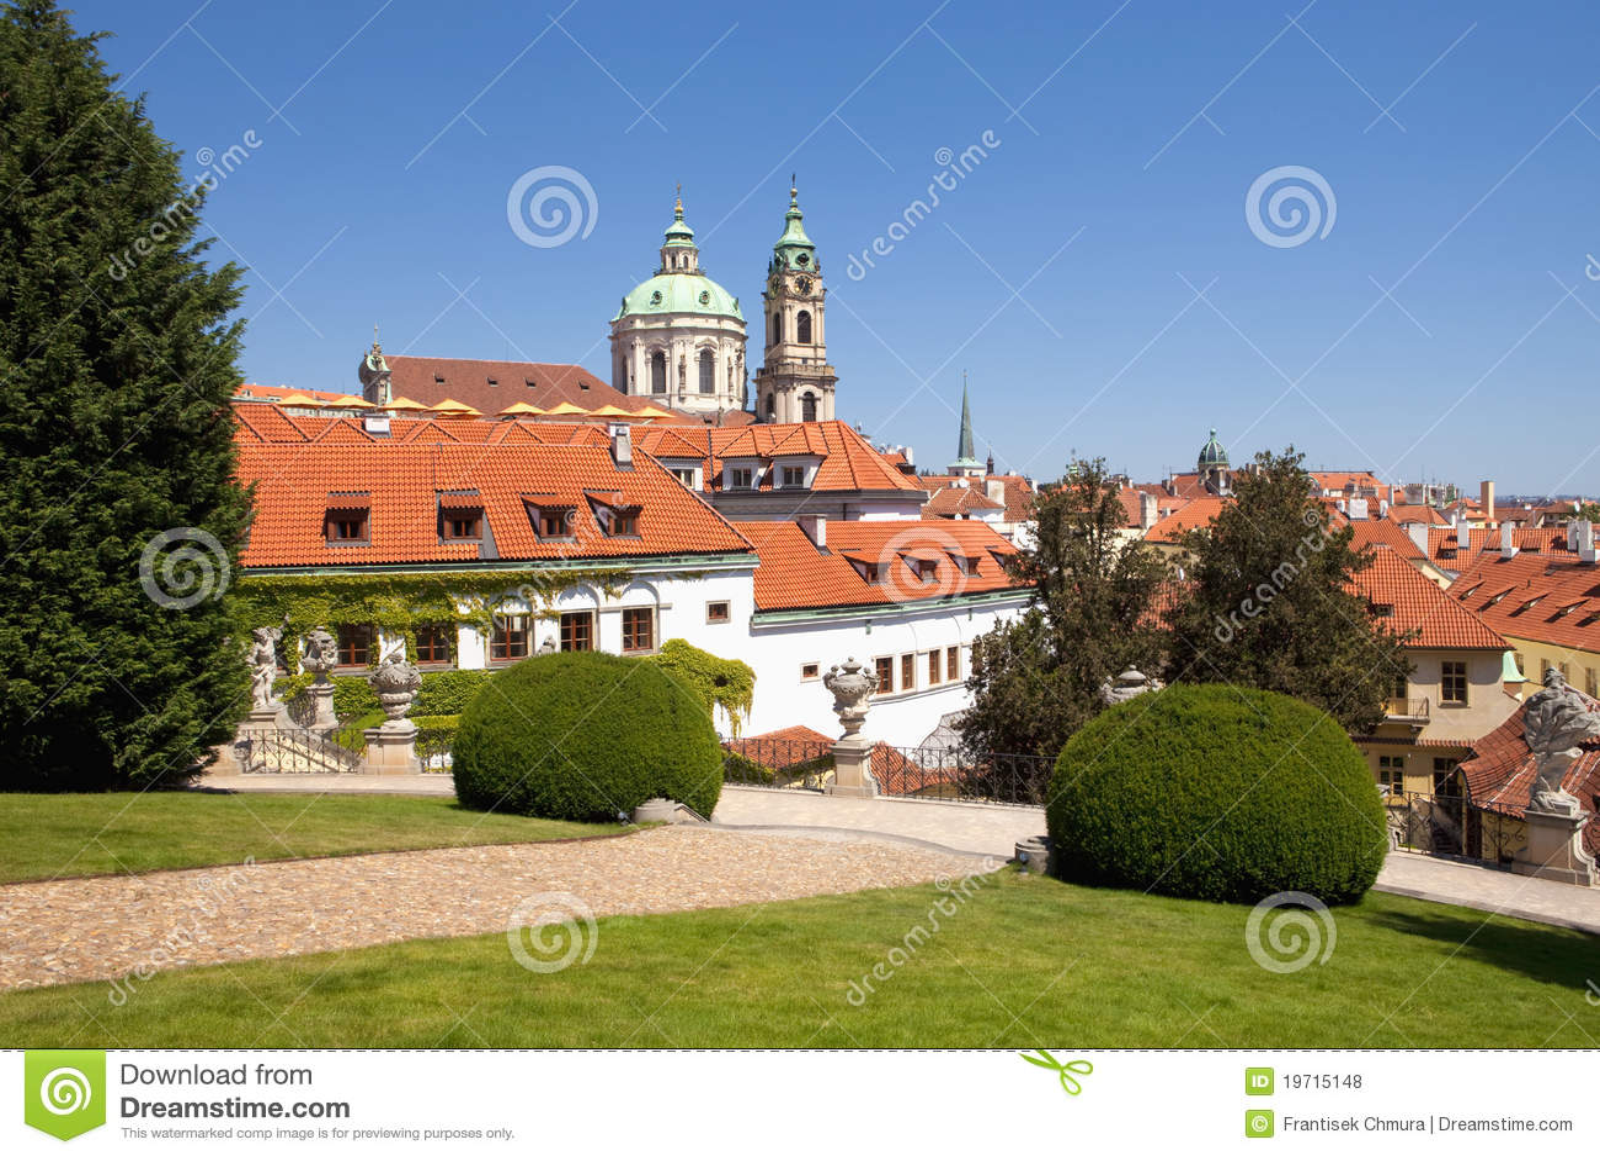 vrtba garden prague czech - photo #4